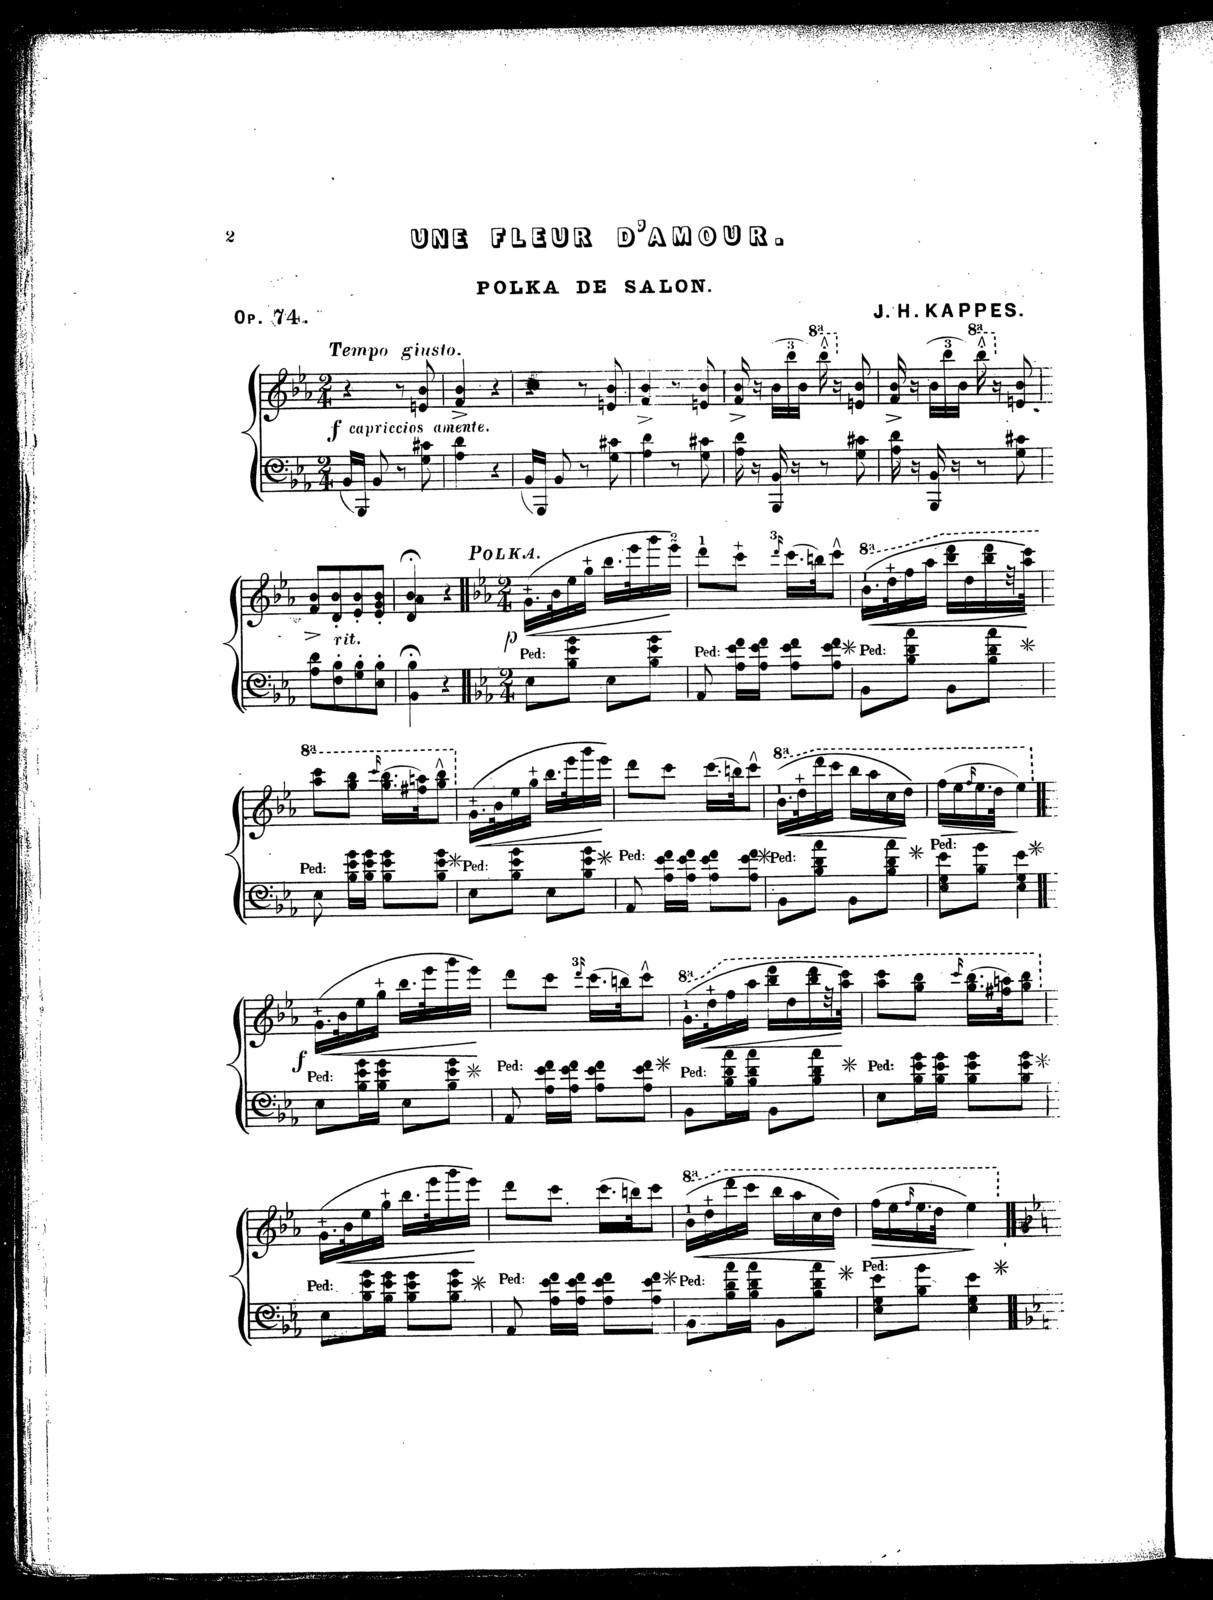 Une Fleur D Amour Polka De Salon Op 74 Picryl